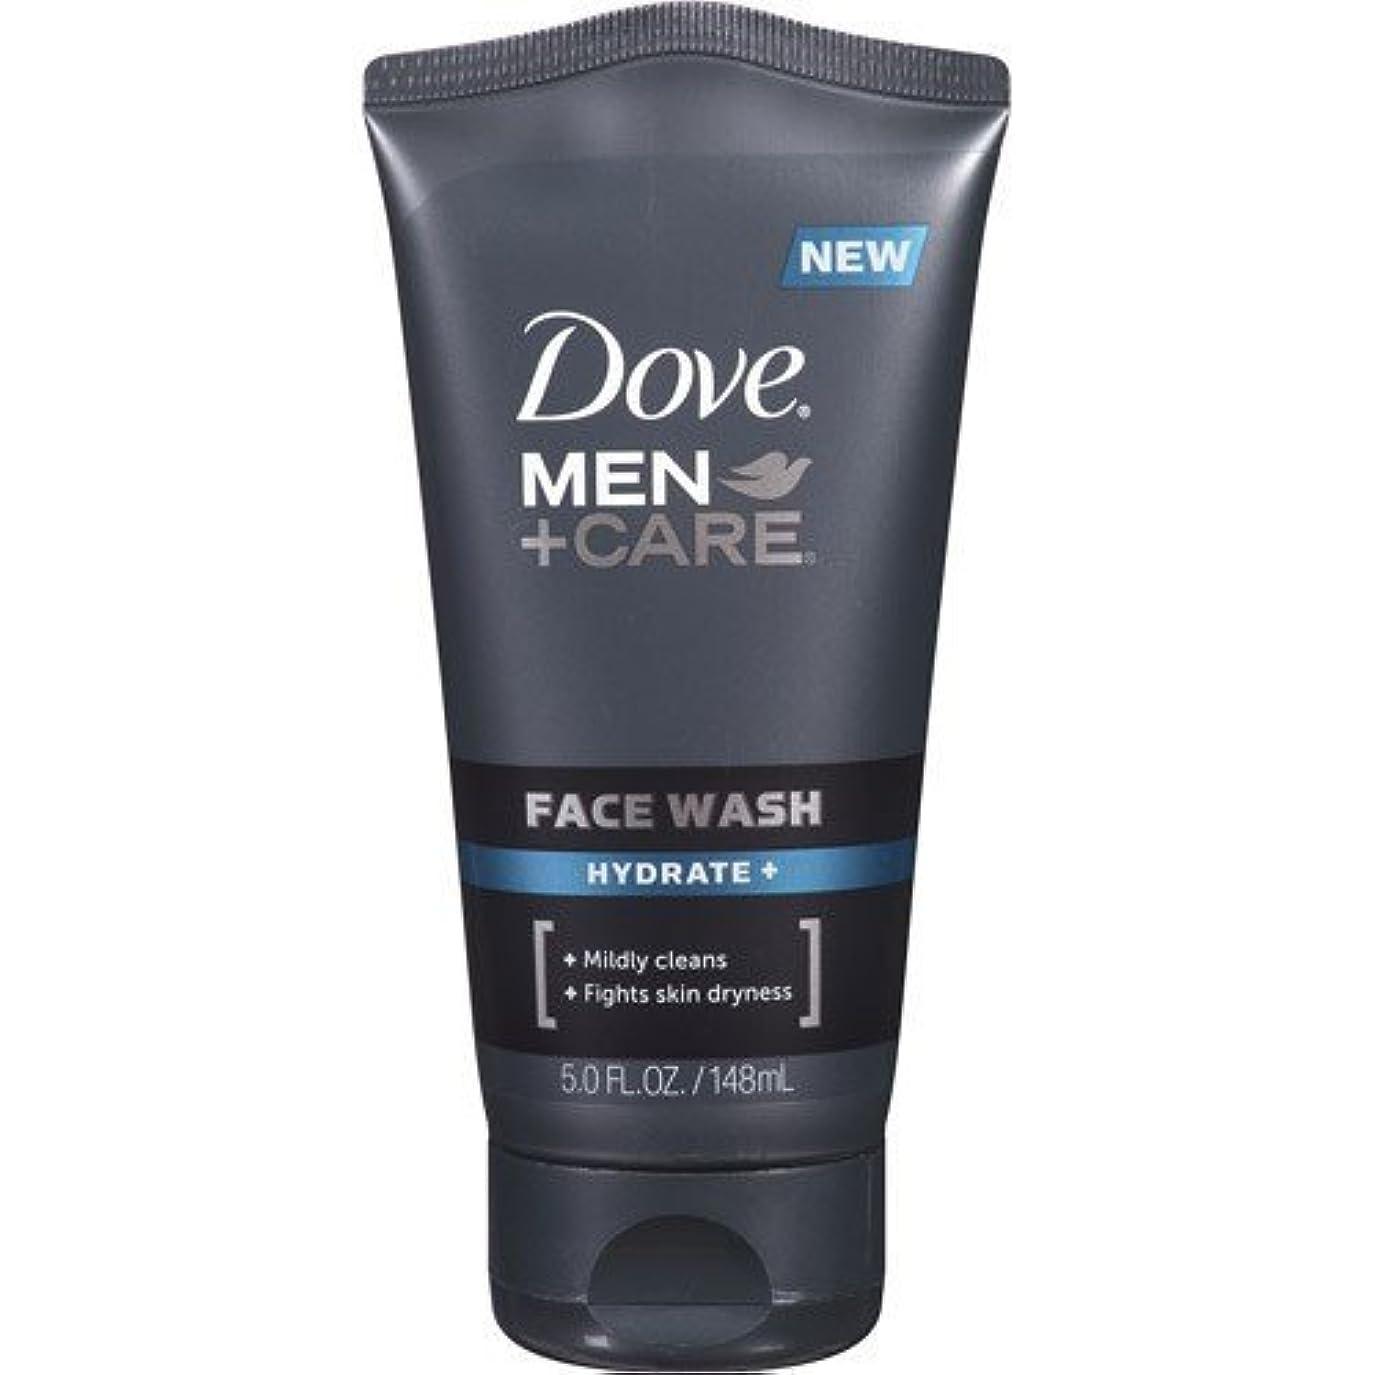 リンク不可能な保護するDove Men + Care Face Wash, Hydrate, 5 Oz by Dove